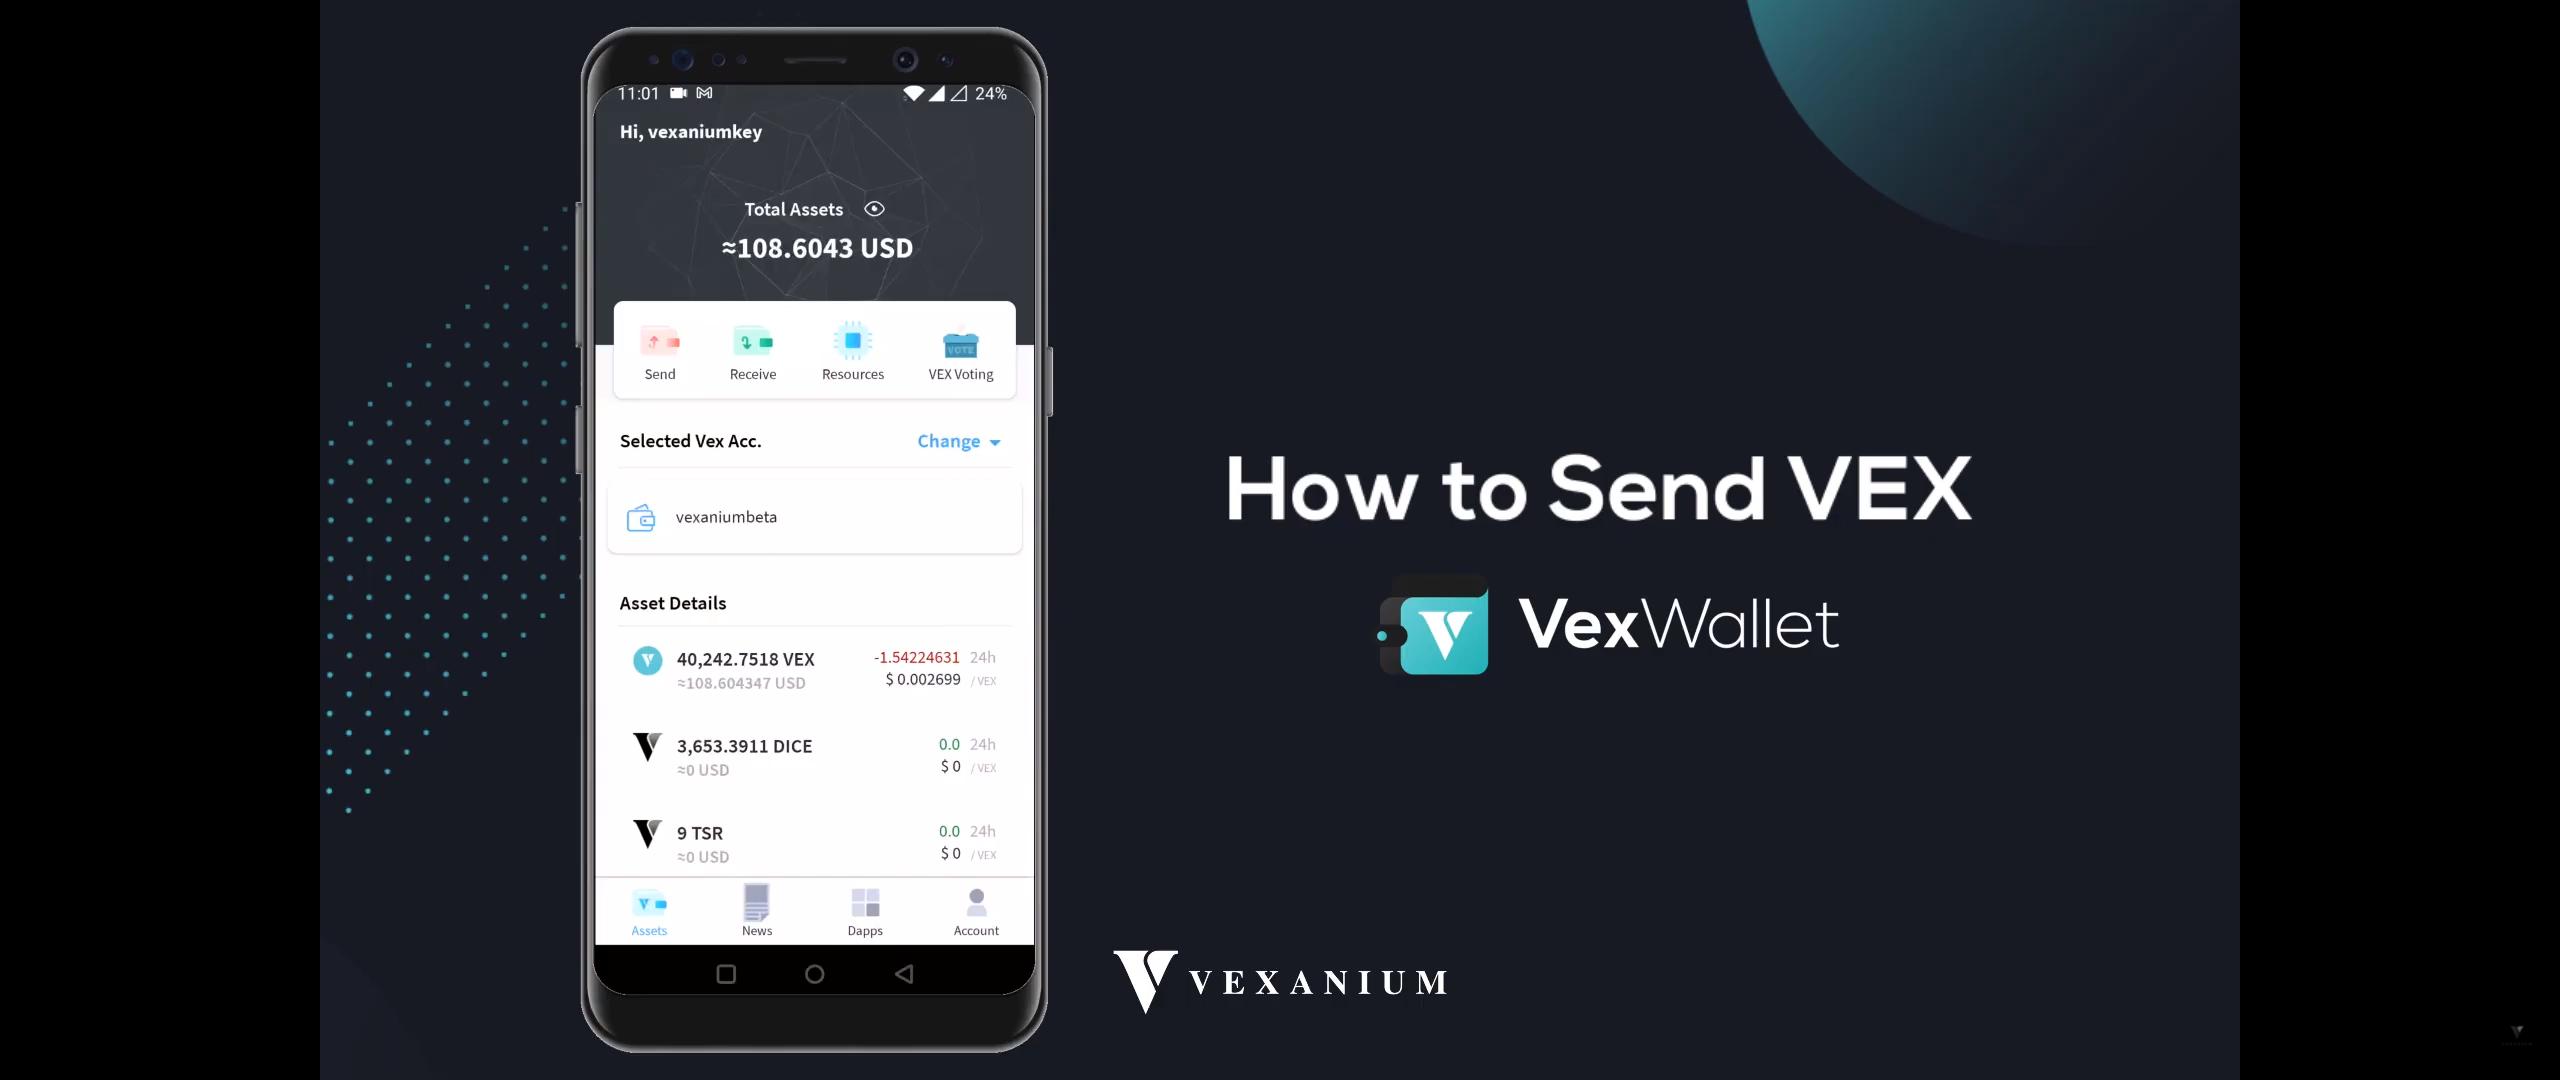 Cara Mengirim VEX dengan Vex Wallet